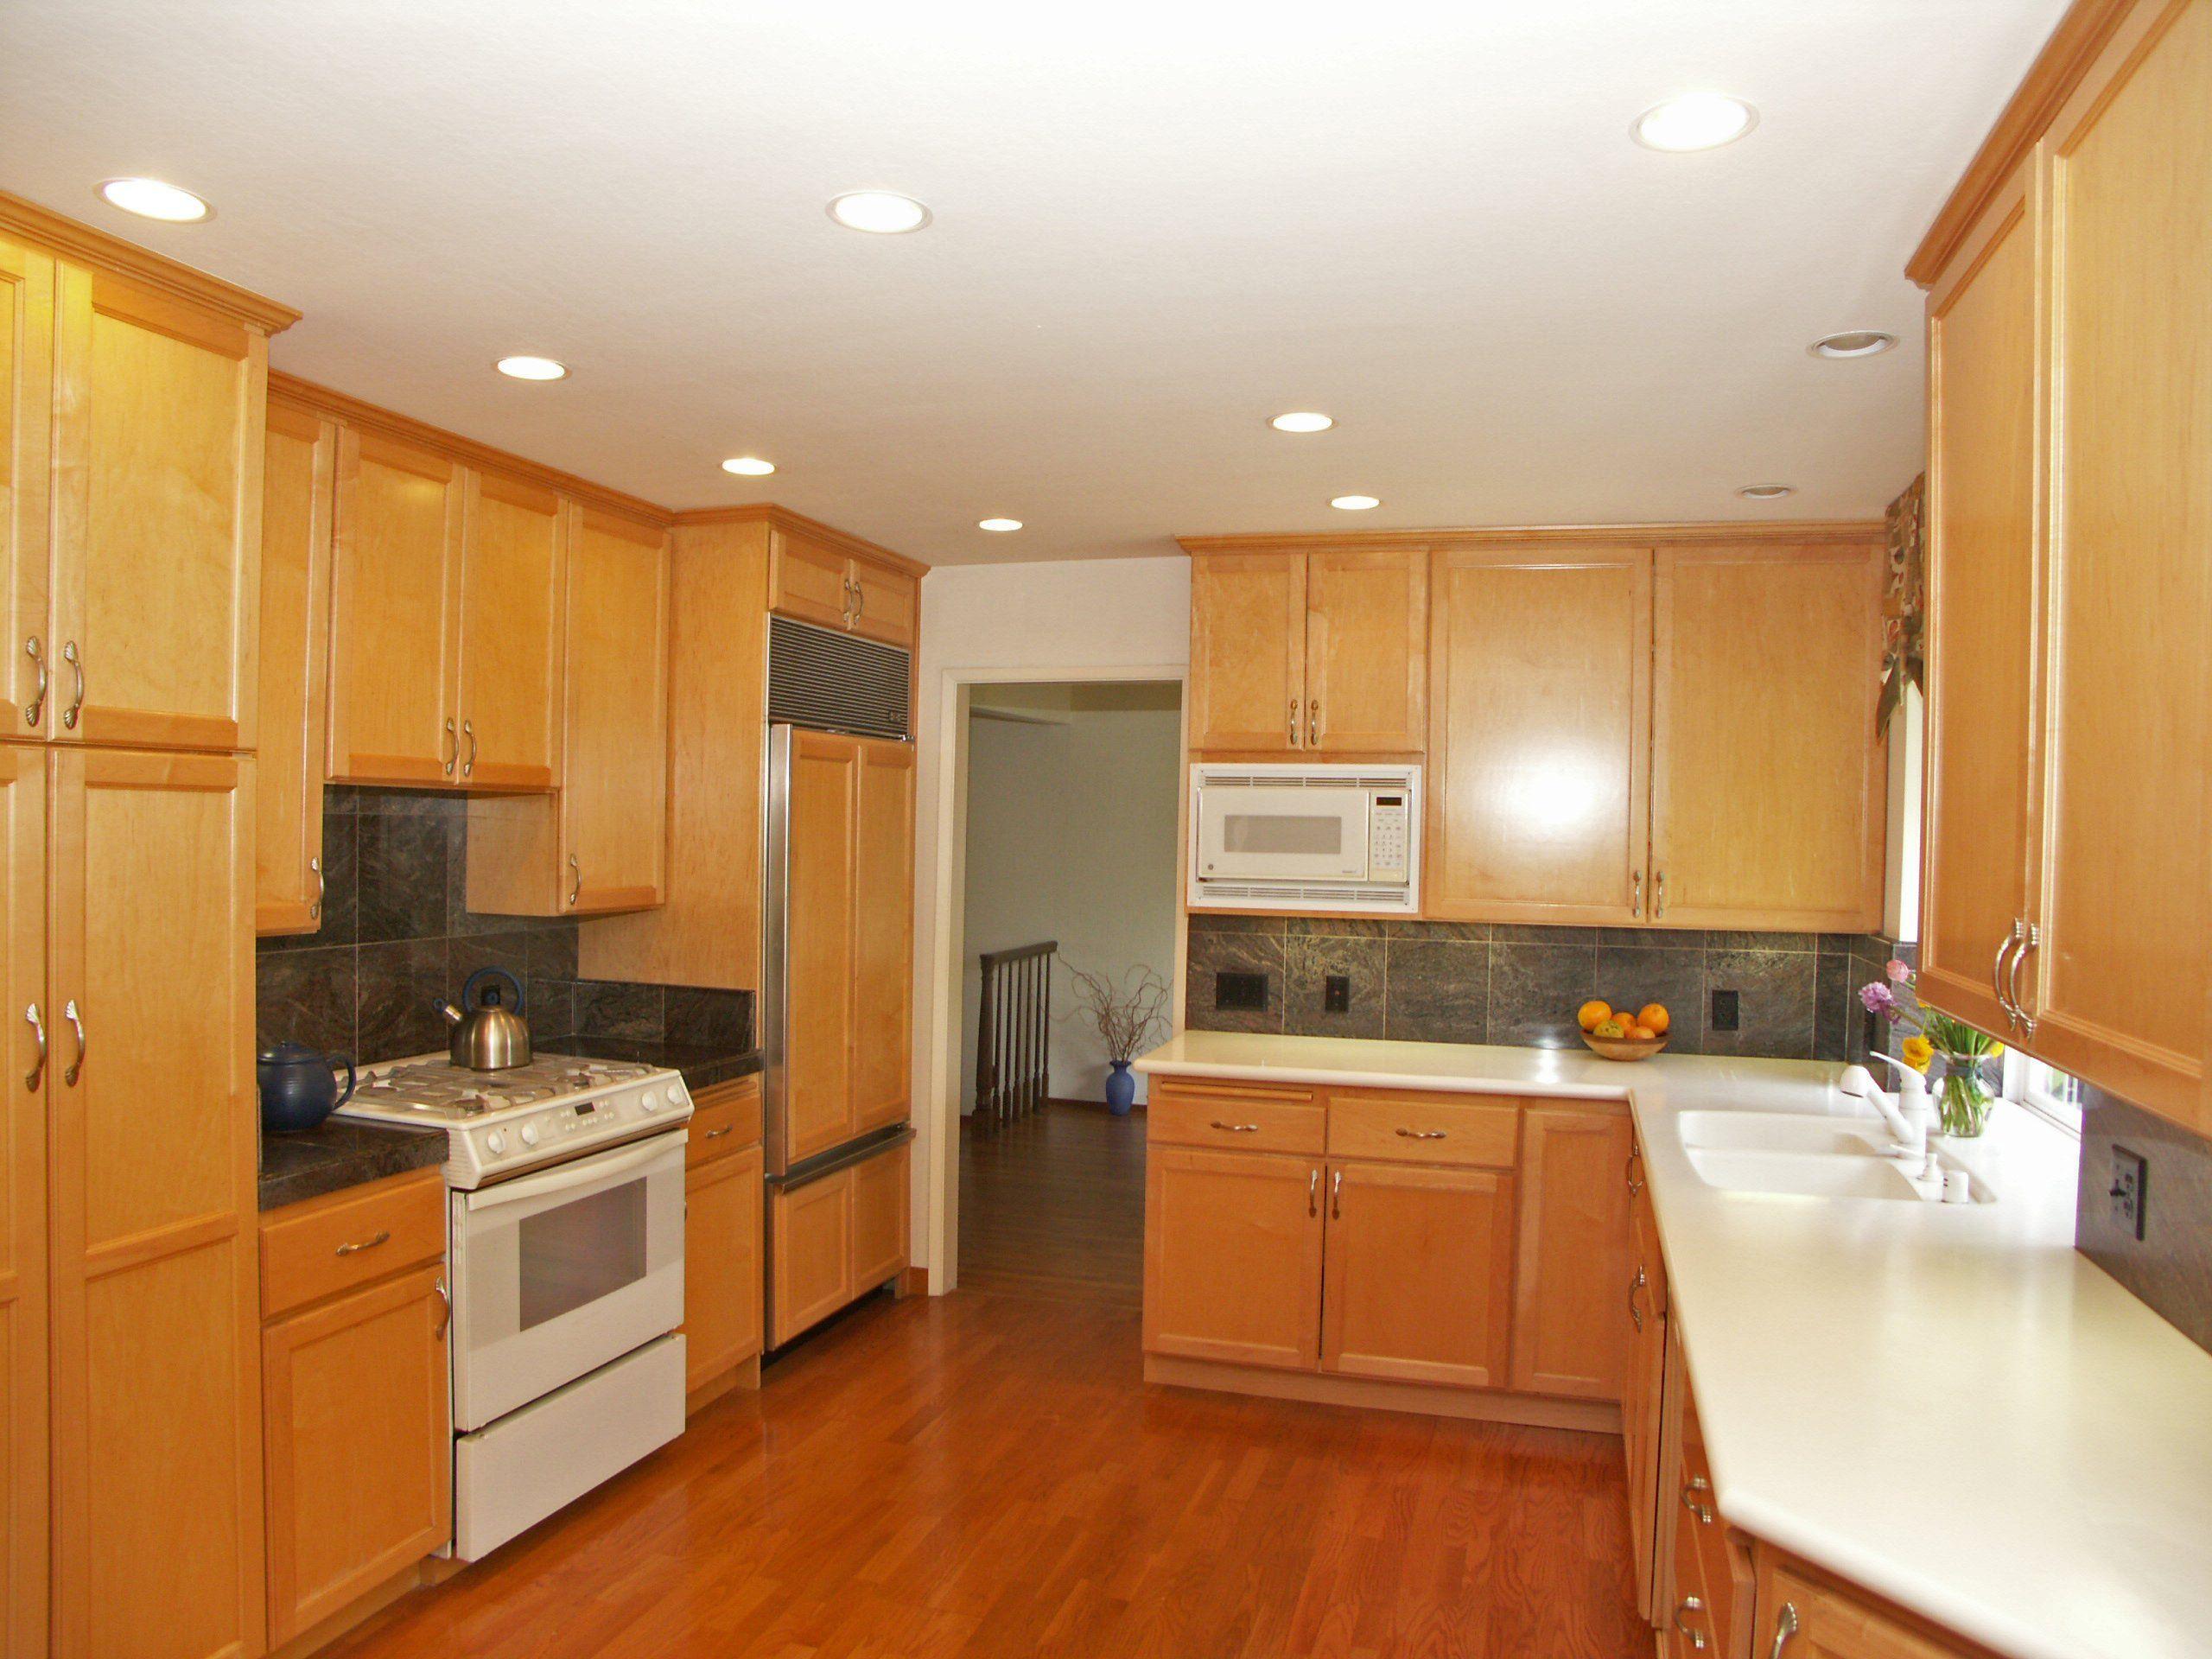 home decor  Küchen layouts, Küchendesign, Einbauleuchten